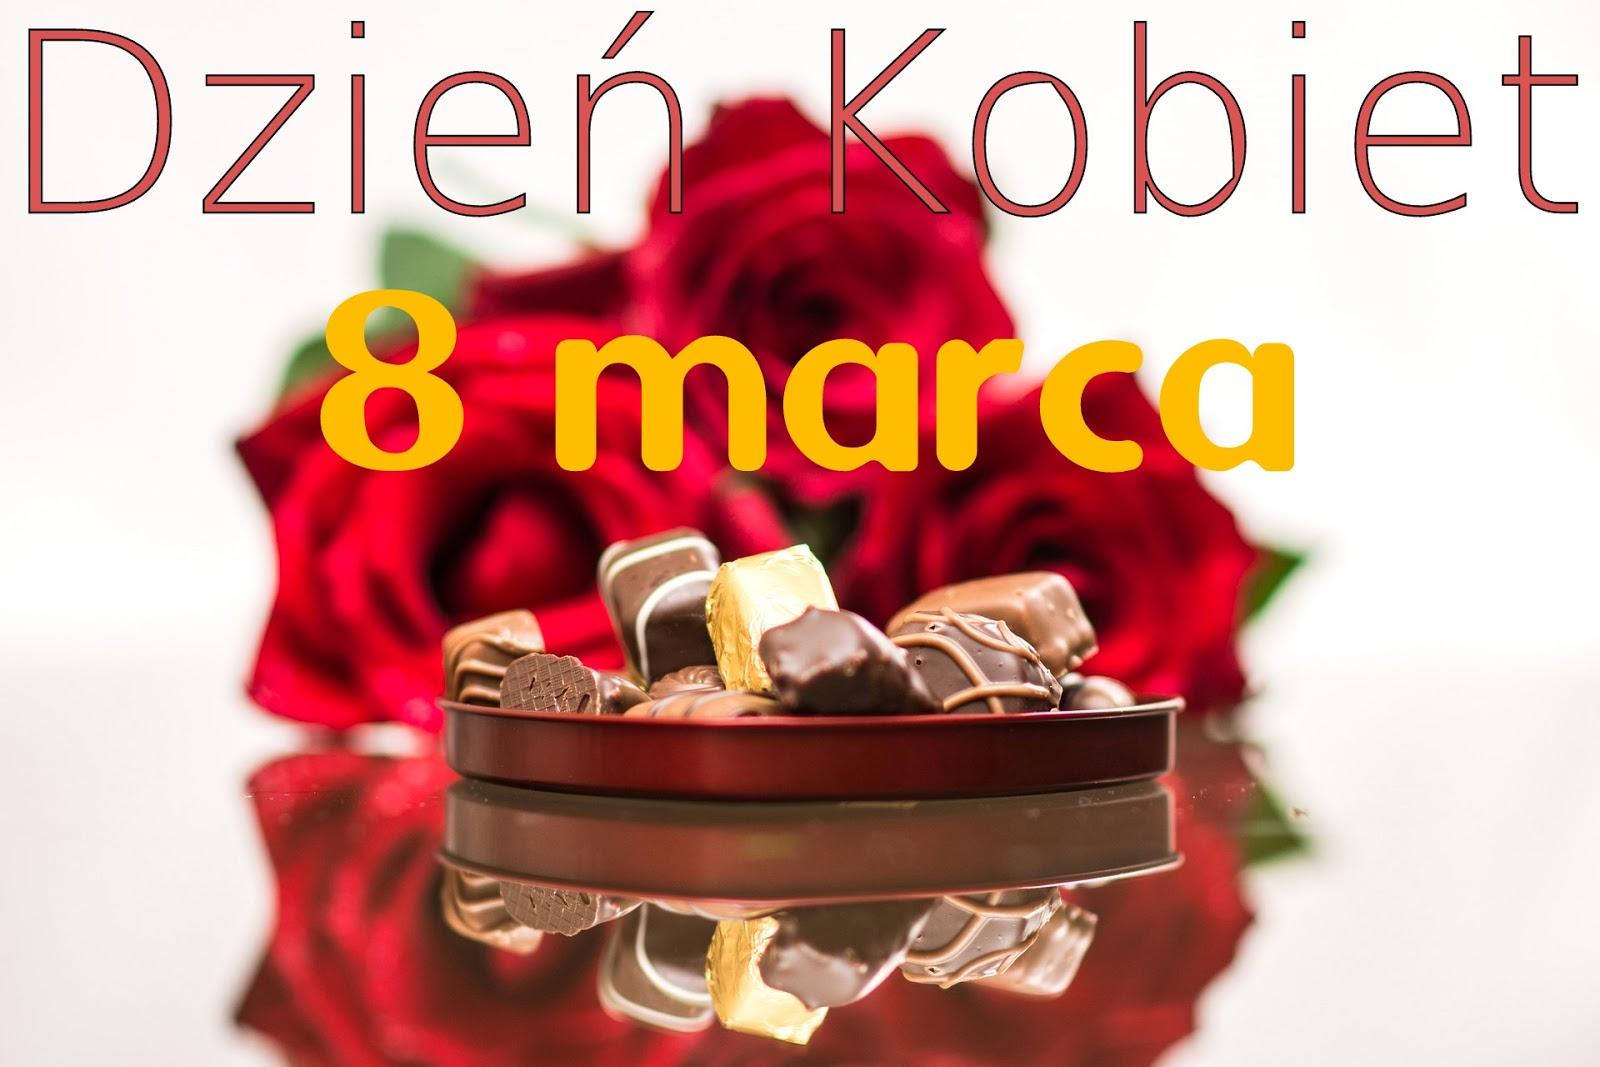 Idealny prezent na Dzień Kobiet? - Znajdziesz go w sklepie tapety4u.pl!